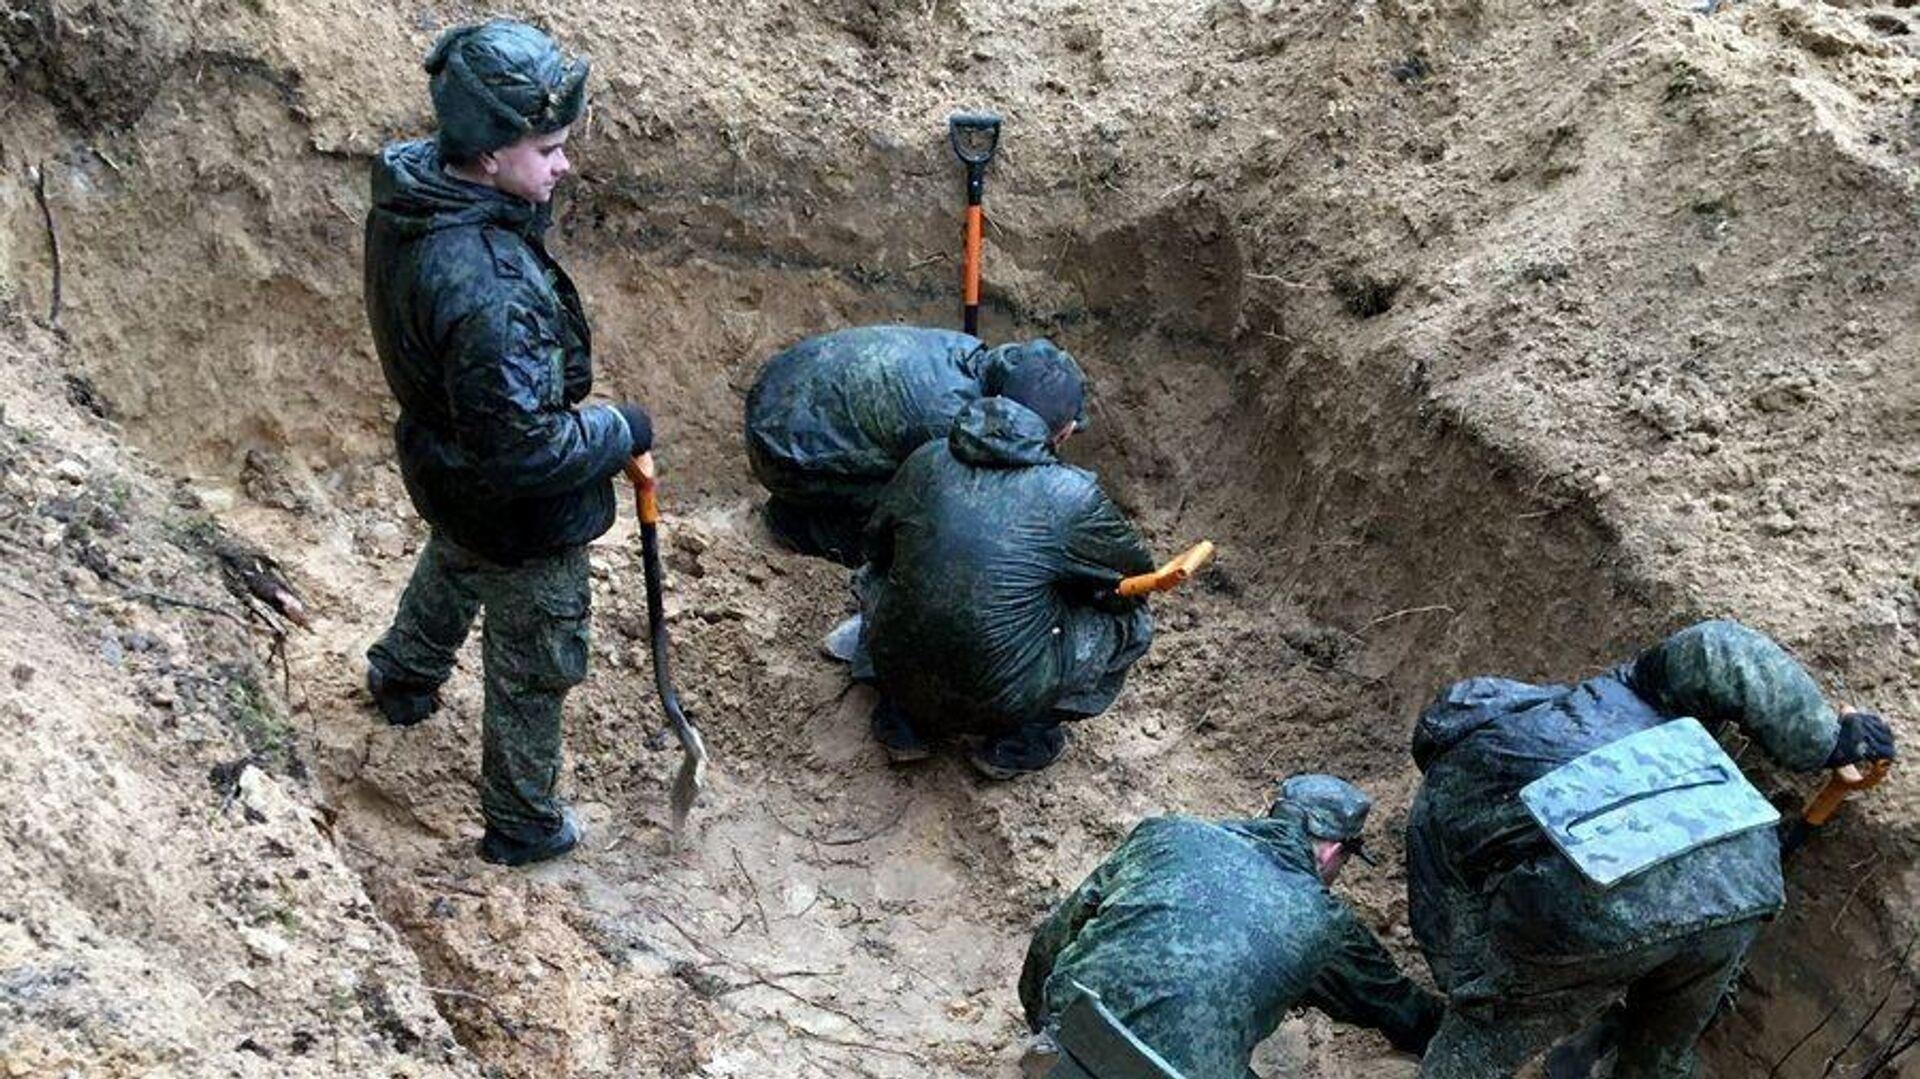 В СК рассказали о новых фактах по захоронениям жертв геноцида